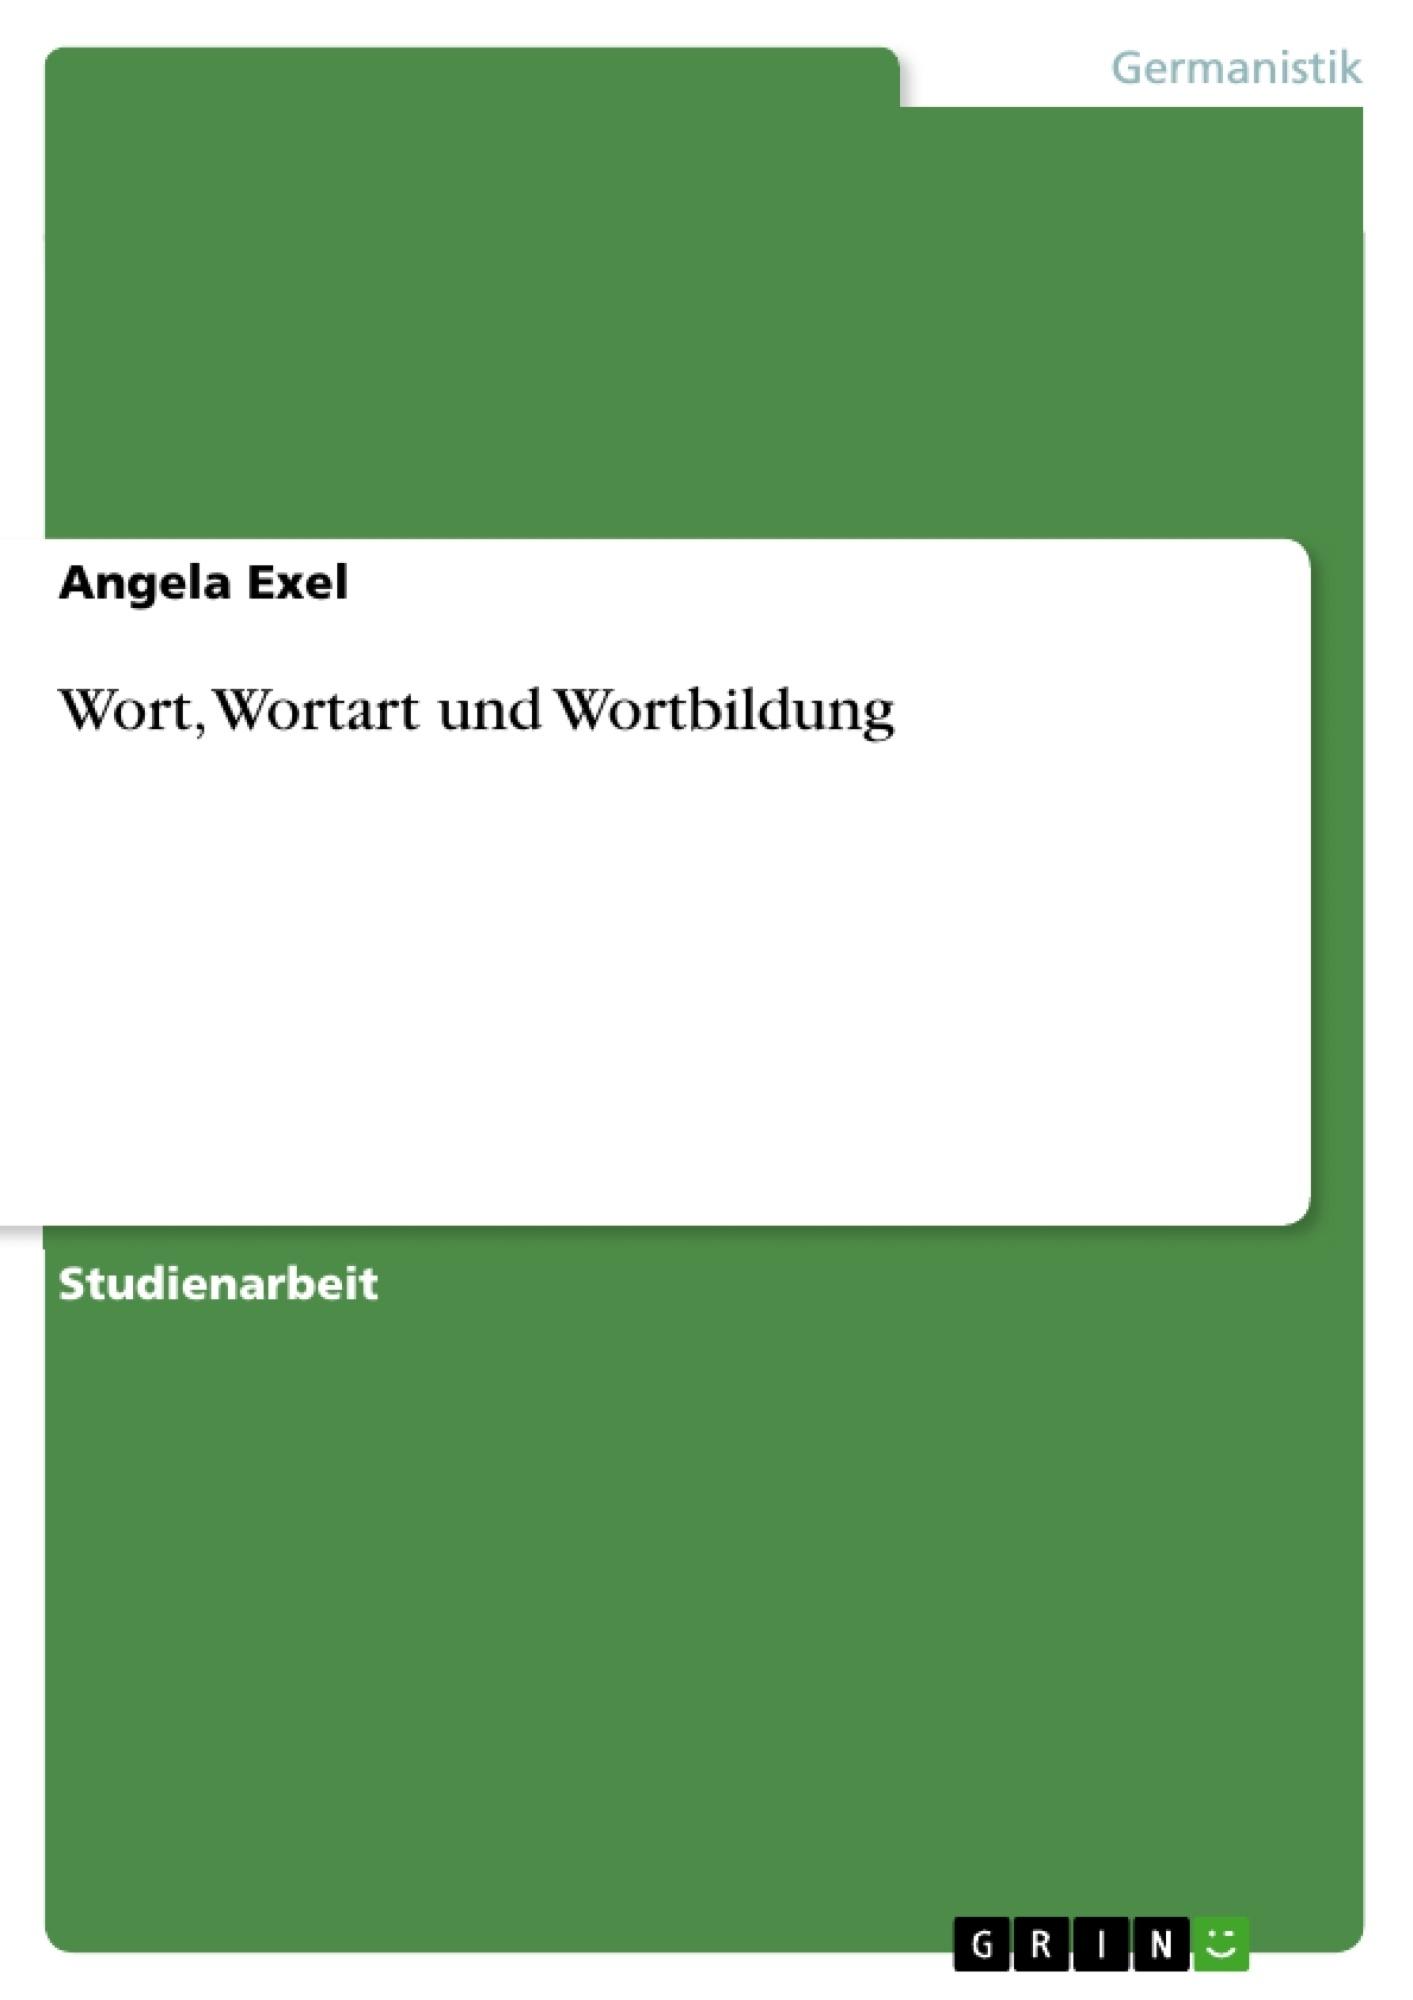 Titel: Wort, Wortart und Wortbildung